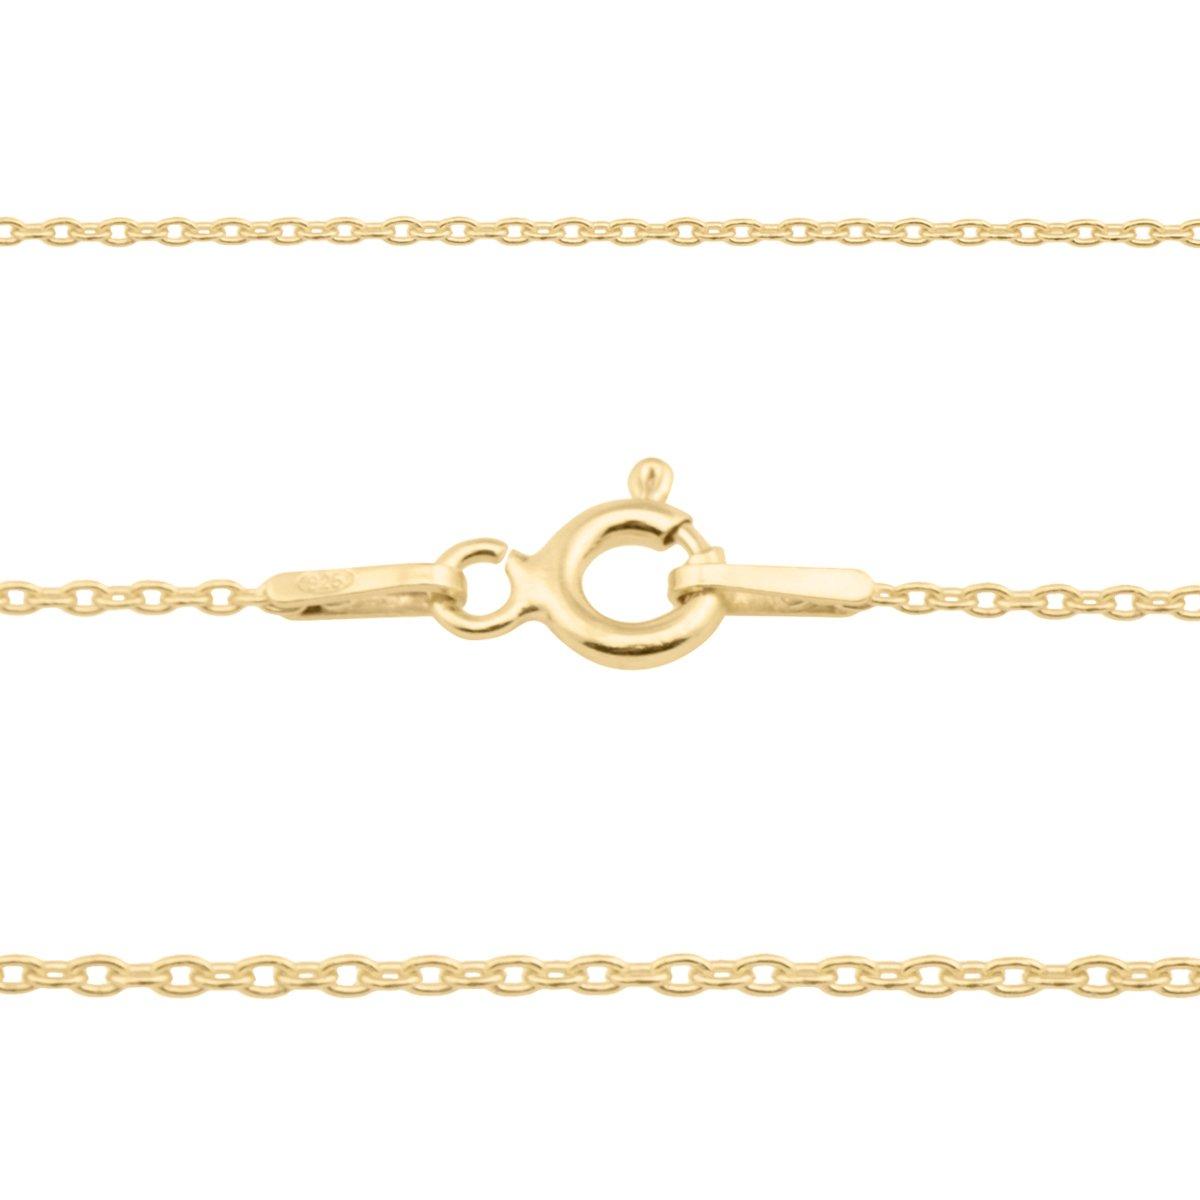 Srebrny złocony Naszyjnik pr. 925 z zawieszką serce 44,5 cm Grawer